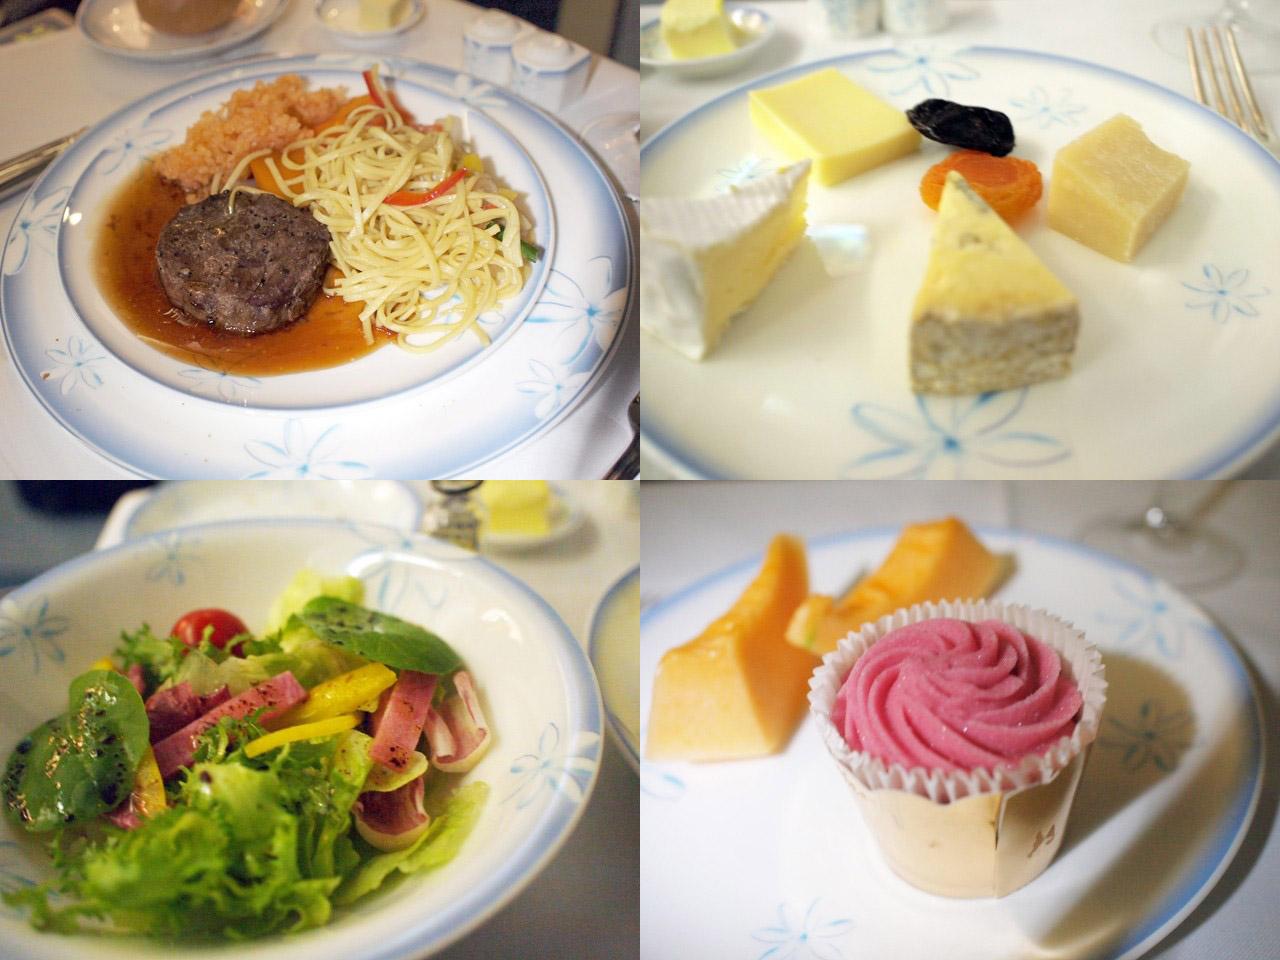 フィレ、チーズアソート、サラダ、デザート